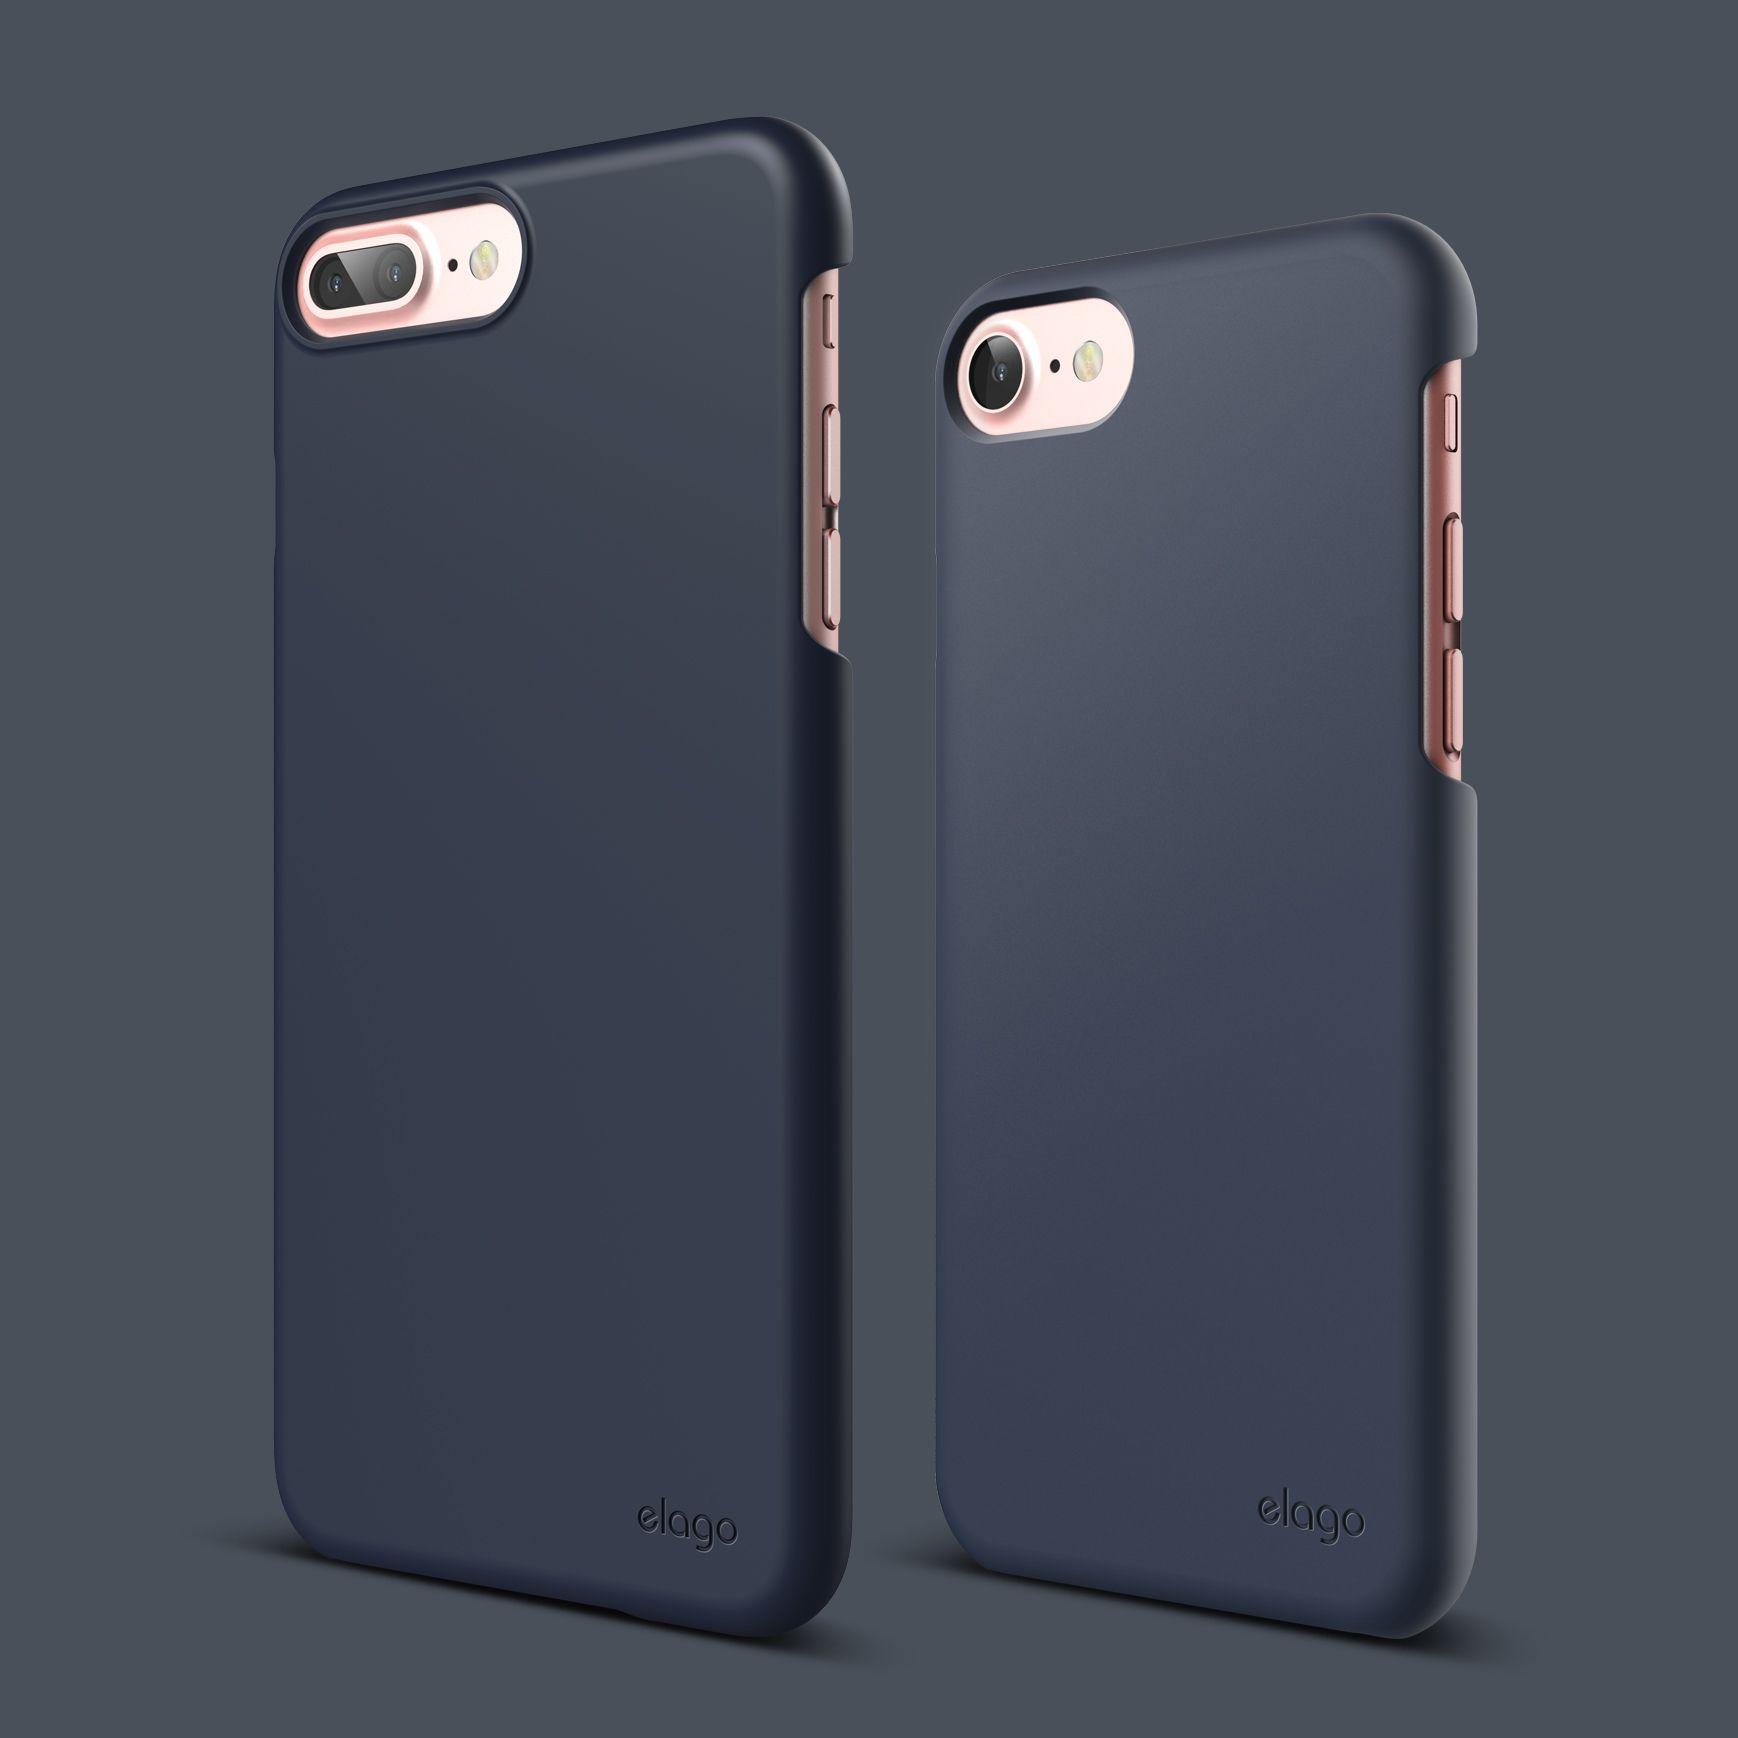 elago® Slim Fit 2 Case for iPhone 7 / 7 PlusJean Indigo